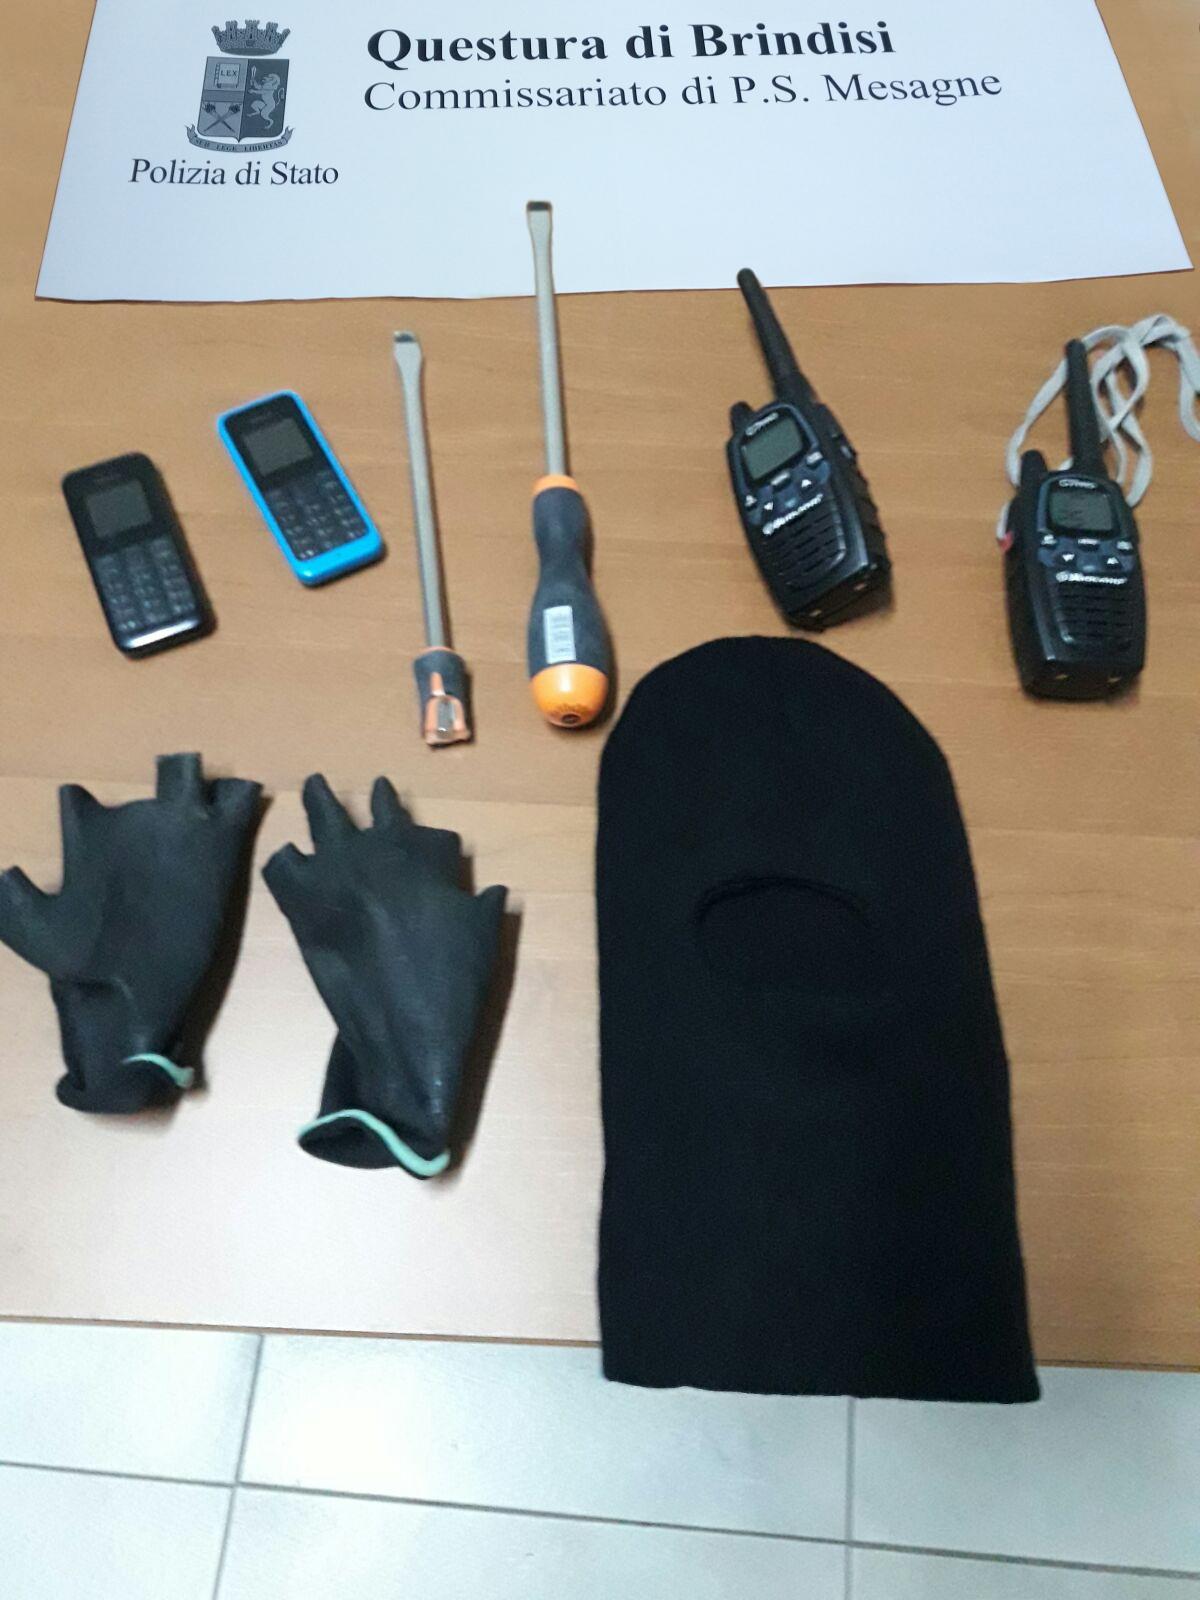 Inseguimento sulle vie cittadine, la Polizia sventa furto – comunicato Commissariato